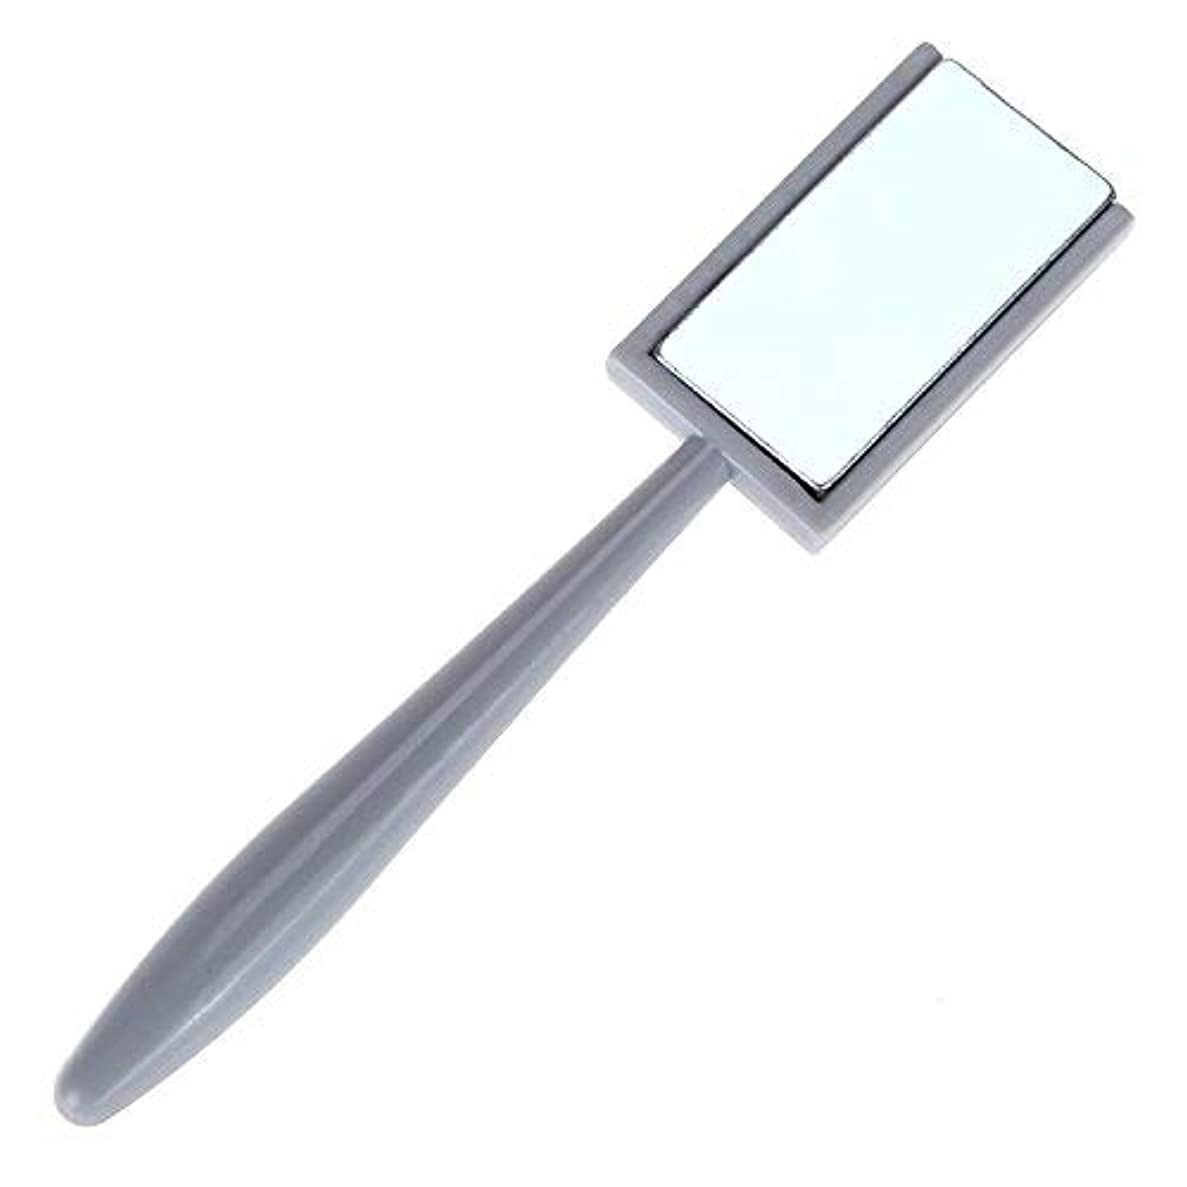 セイはさておき受粉する転送ジェルネイル カラージェル 猫目ジェル専用磁石 1個